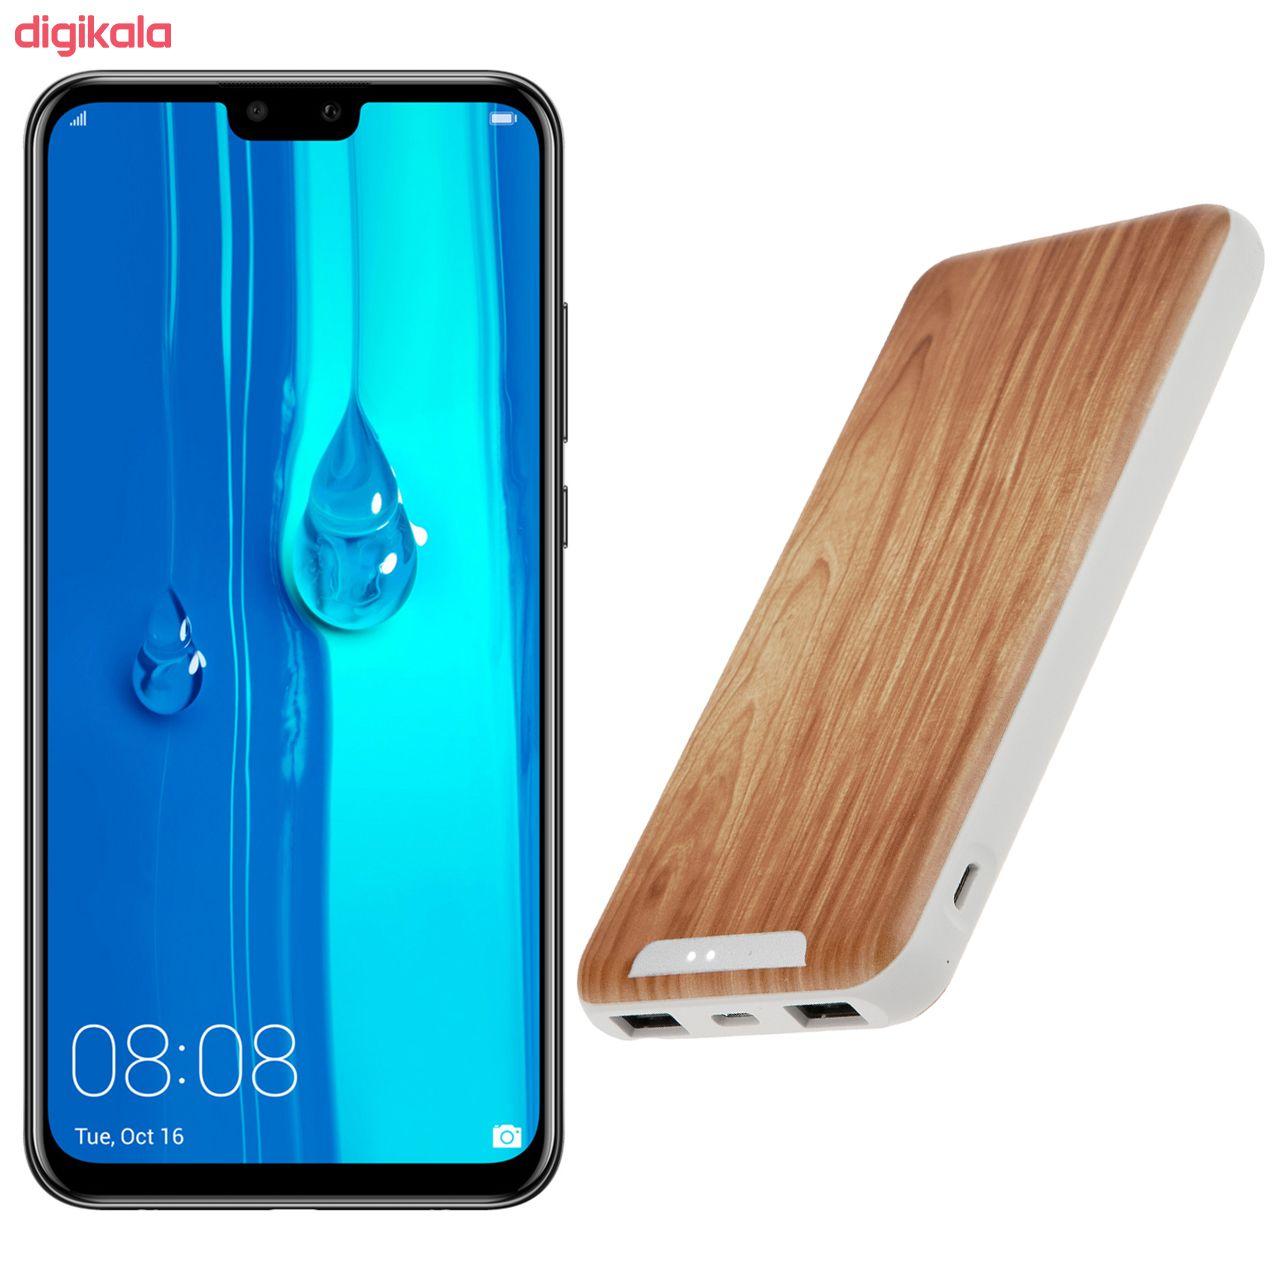 گوشی موبایل هوآوی مدل Y9 2019 JKM-LX1 دو سیم کارت ظرفیت 64 گیگابایت و رم 4 گیگابایت بههمراه شارژر همراه تسکو مدل TP 842N ظرفیت 10000 میلیآمپرساعت main 1 1